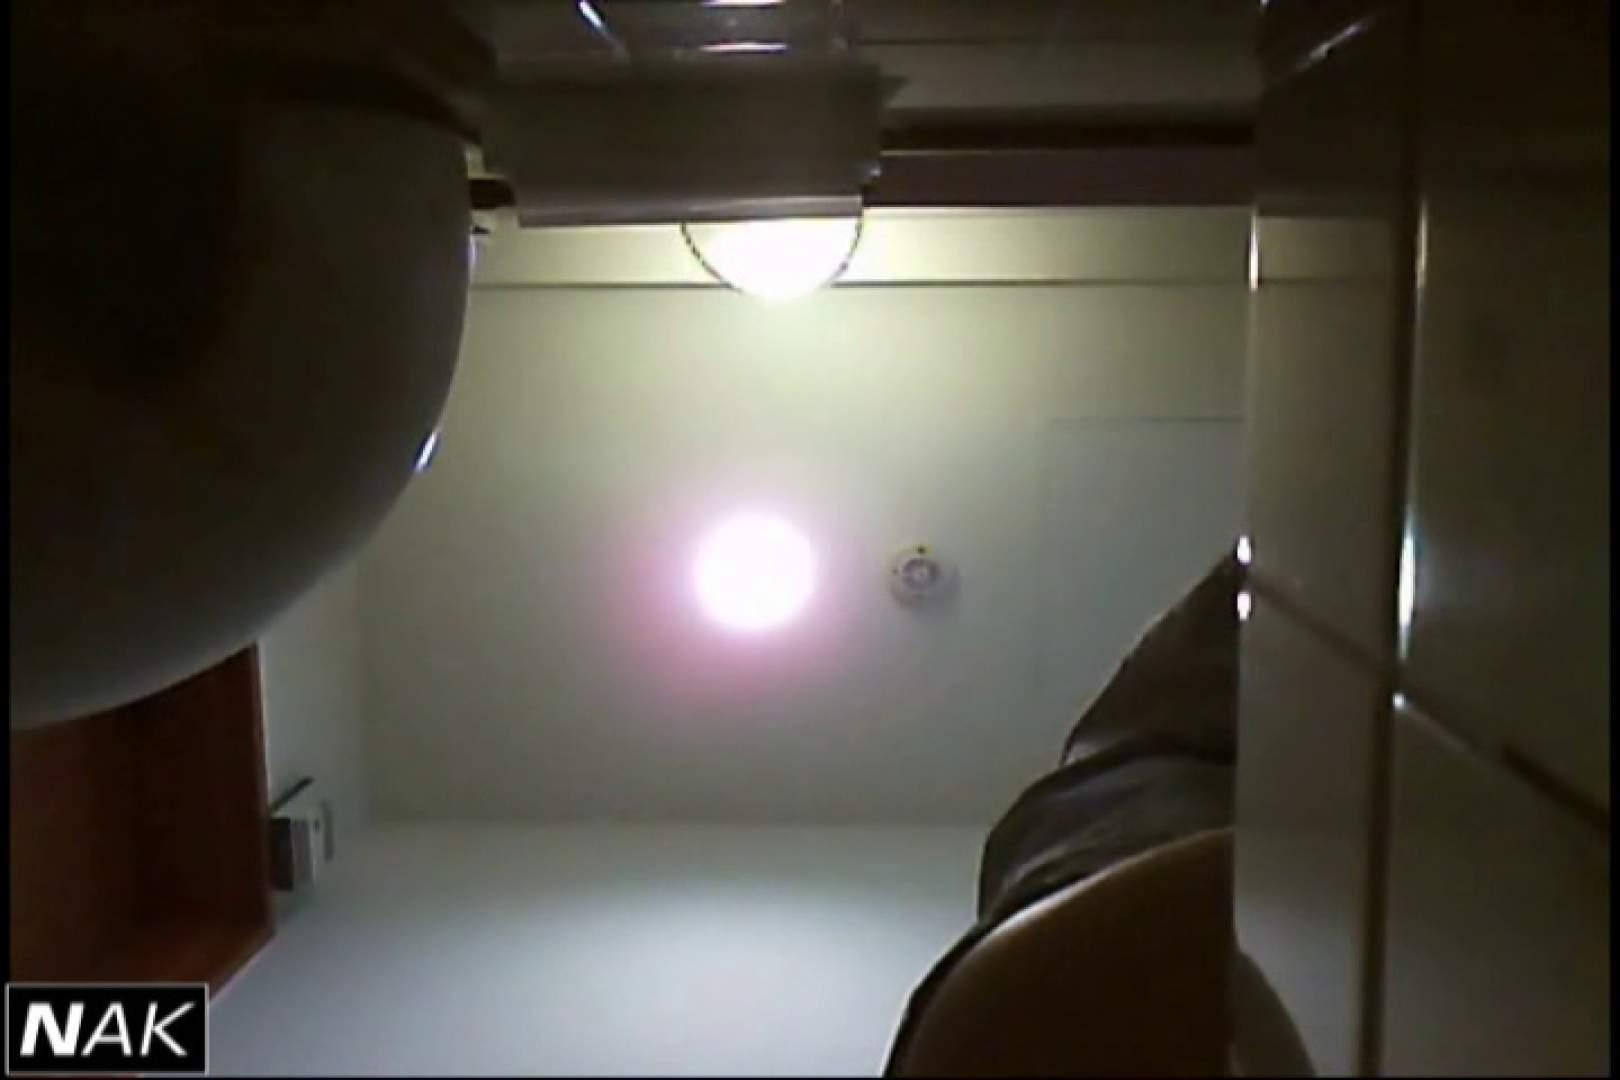 亀さんかわや VIP和式2カメバージョン! vol.14 0   0  100pic 43